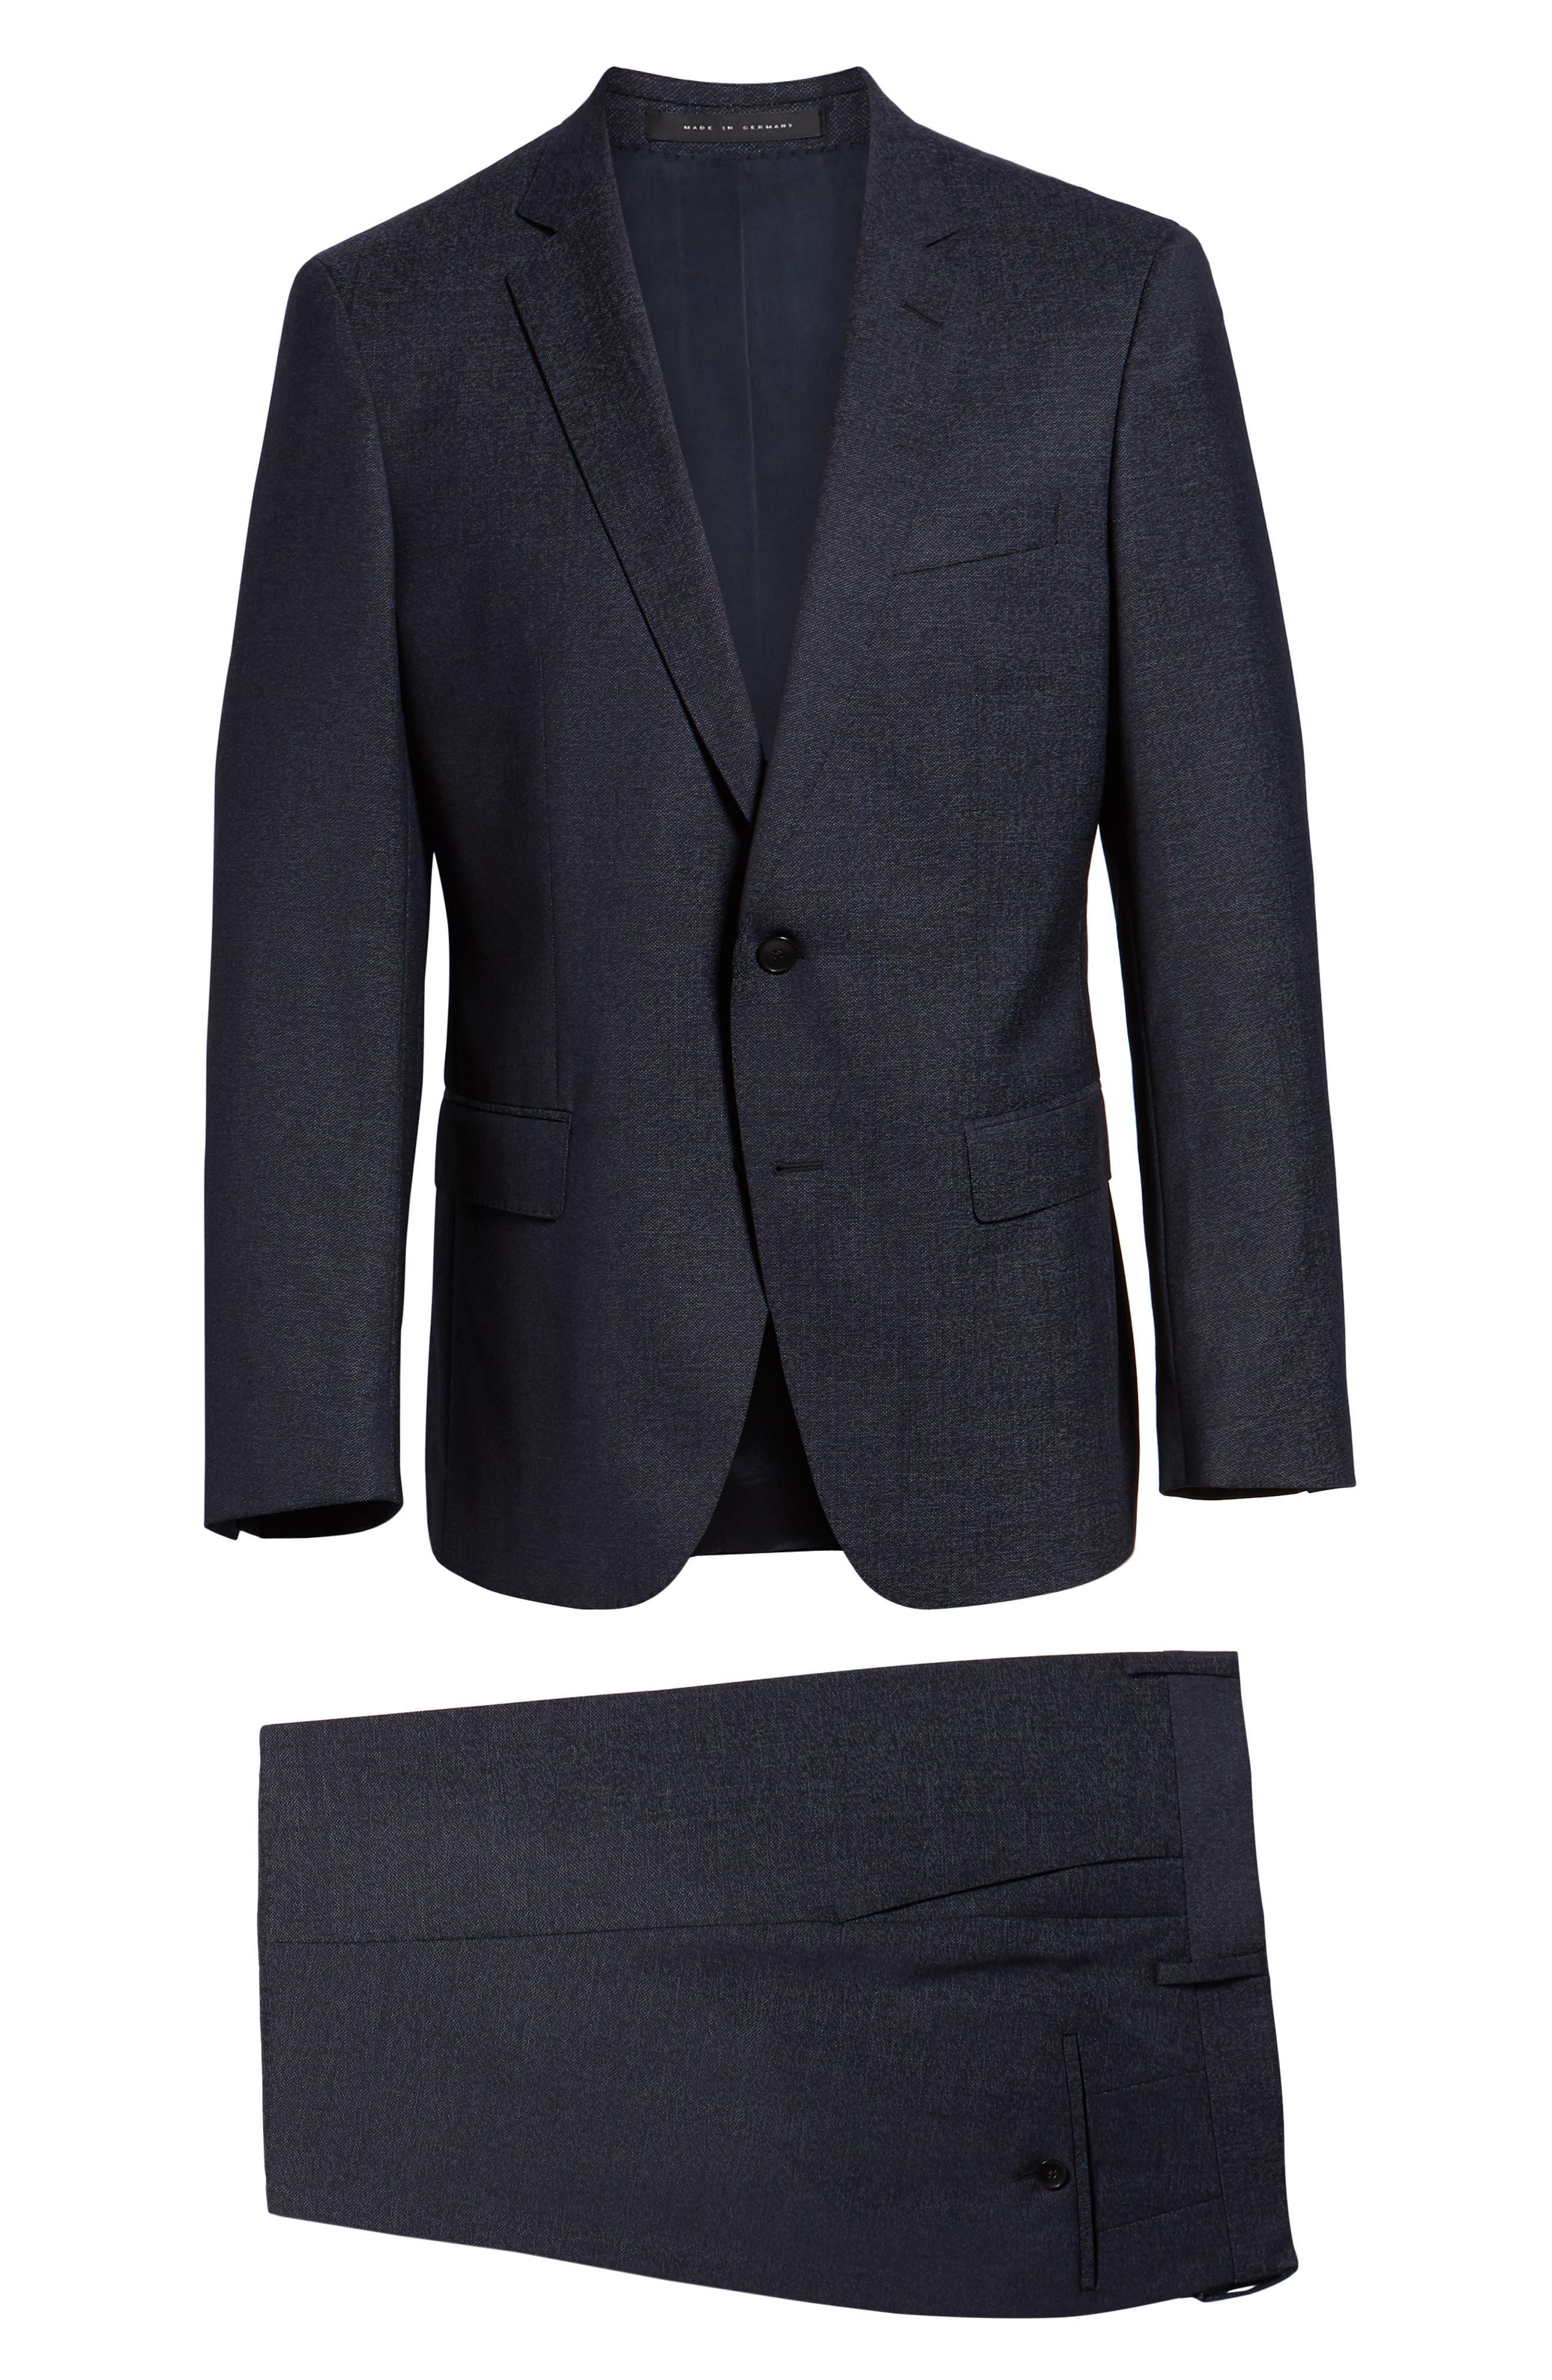 Huge/Genius Trim Fit Solid Wool Suit,                             Alternate thumbnail 8, color,                             OPEN BLUE